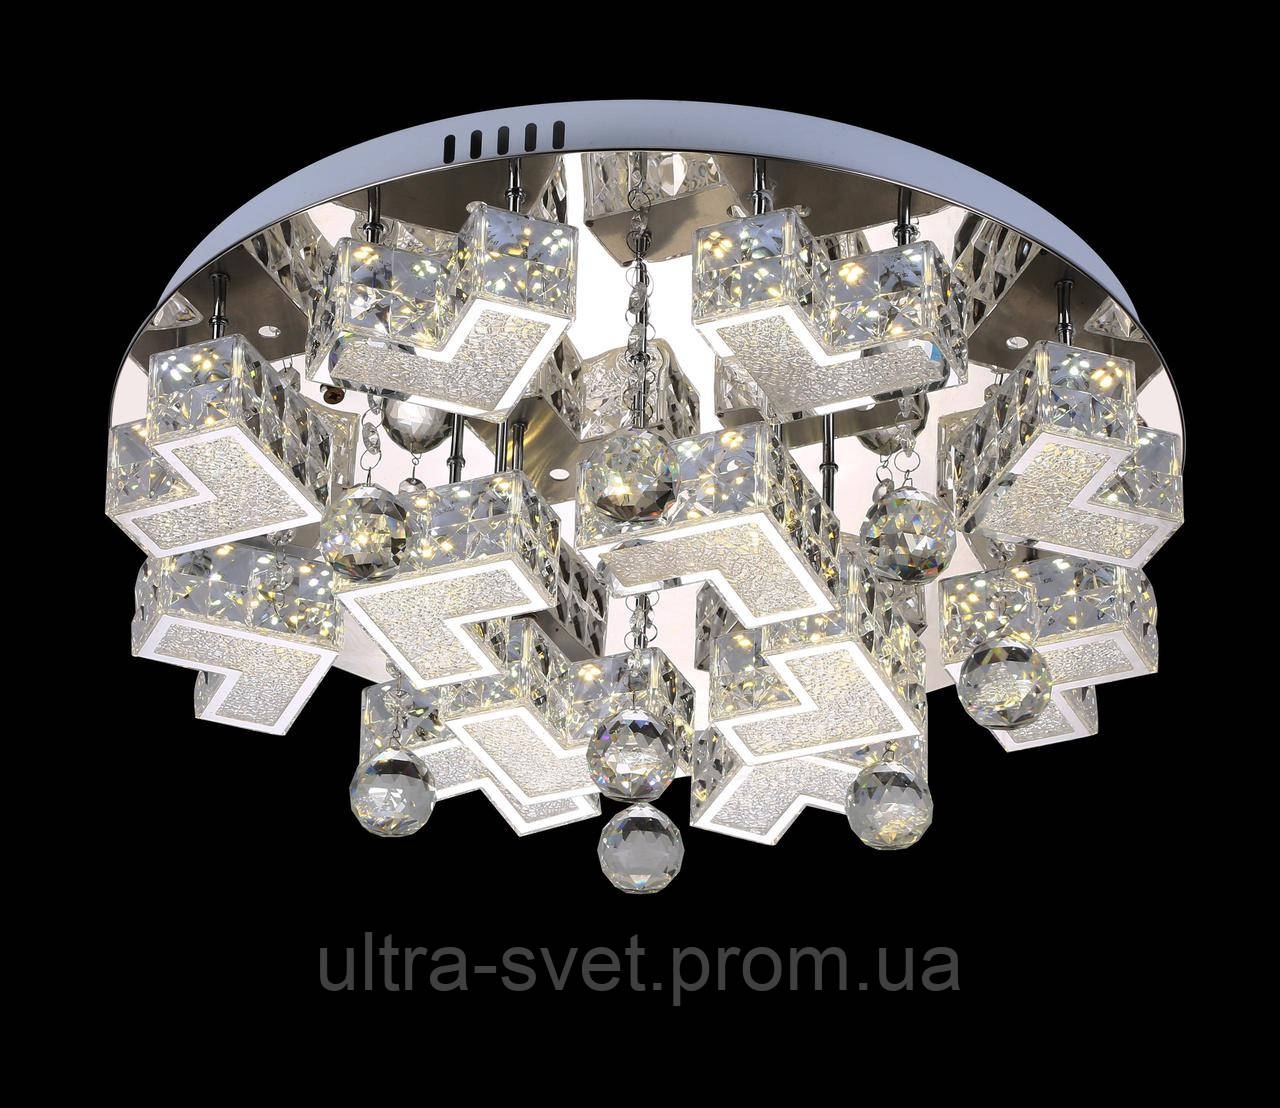 Люстра светодиодная потолочная с пультом